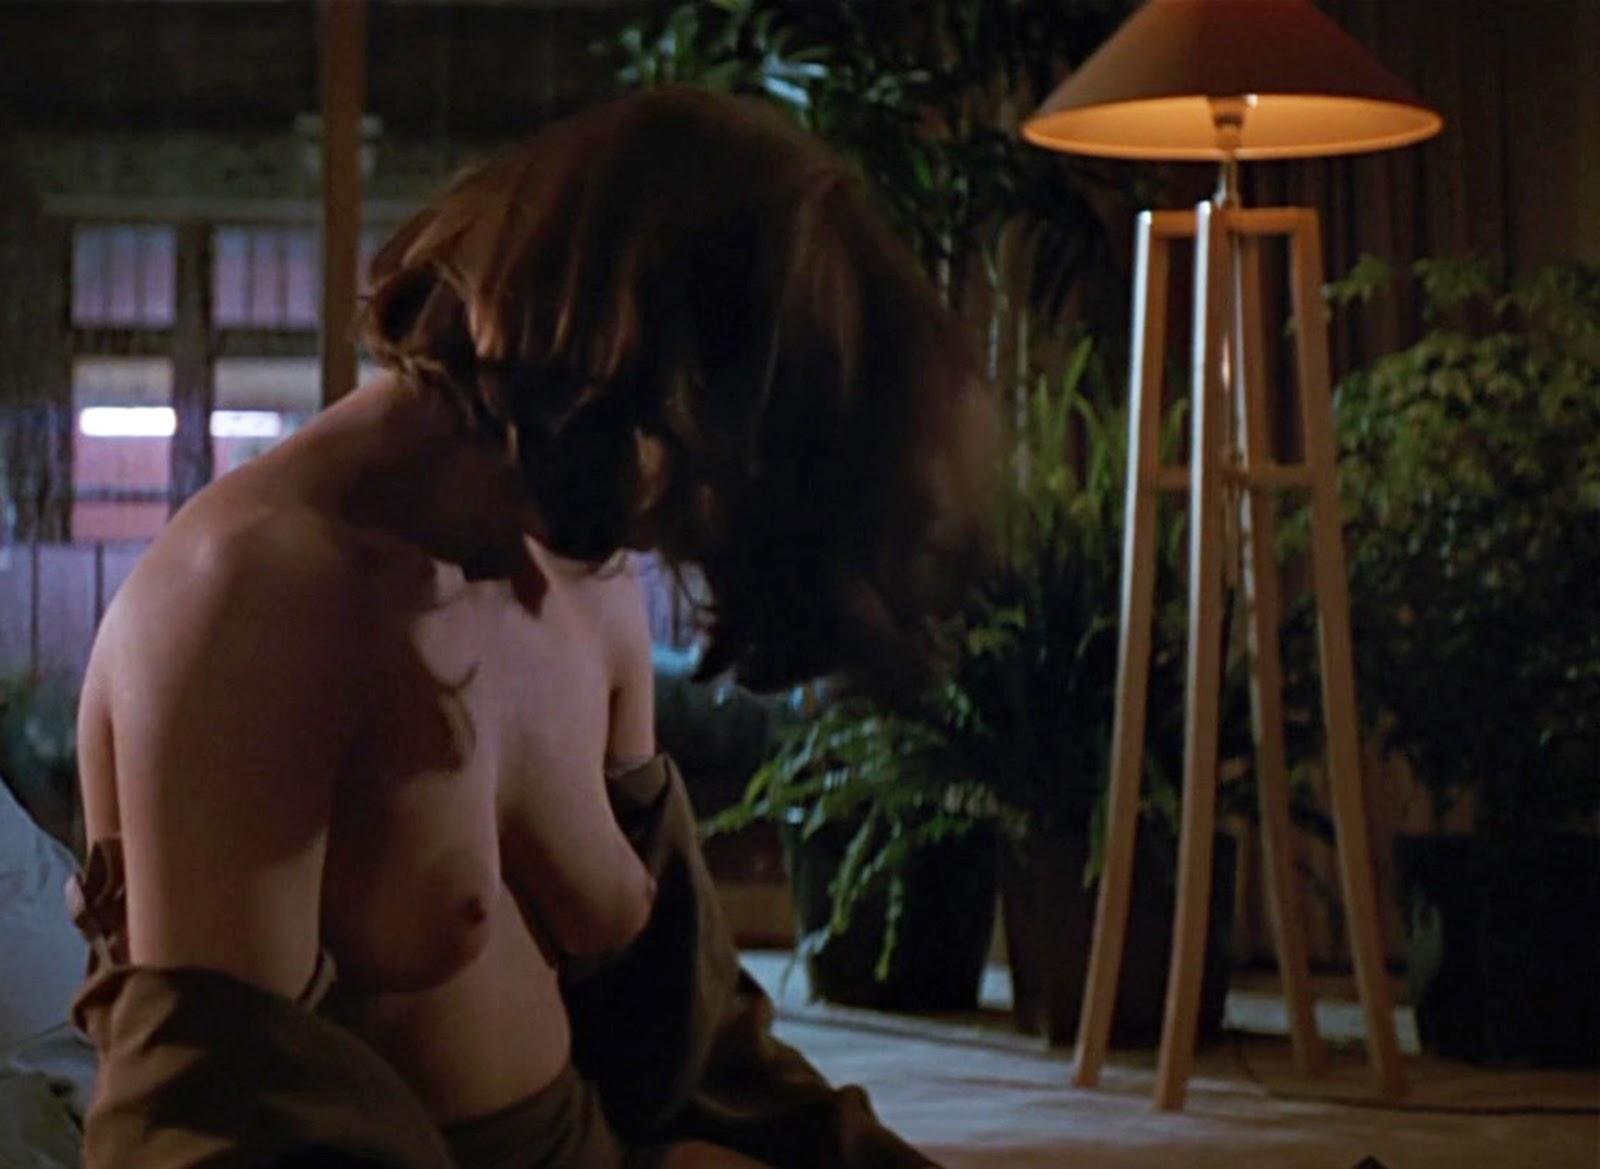 Jeanne nackt Tripplehorn Nacktfotos von